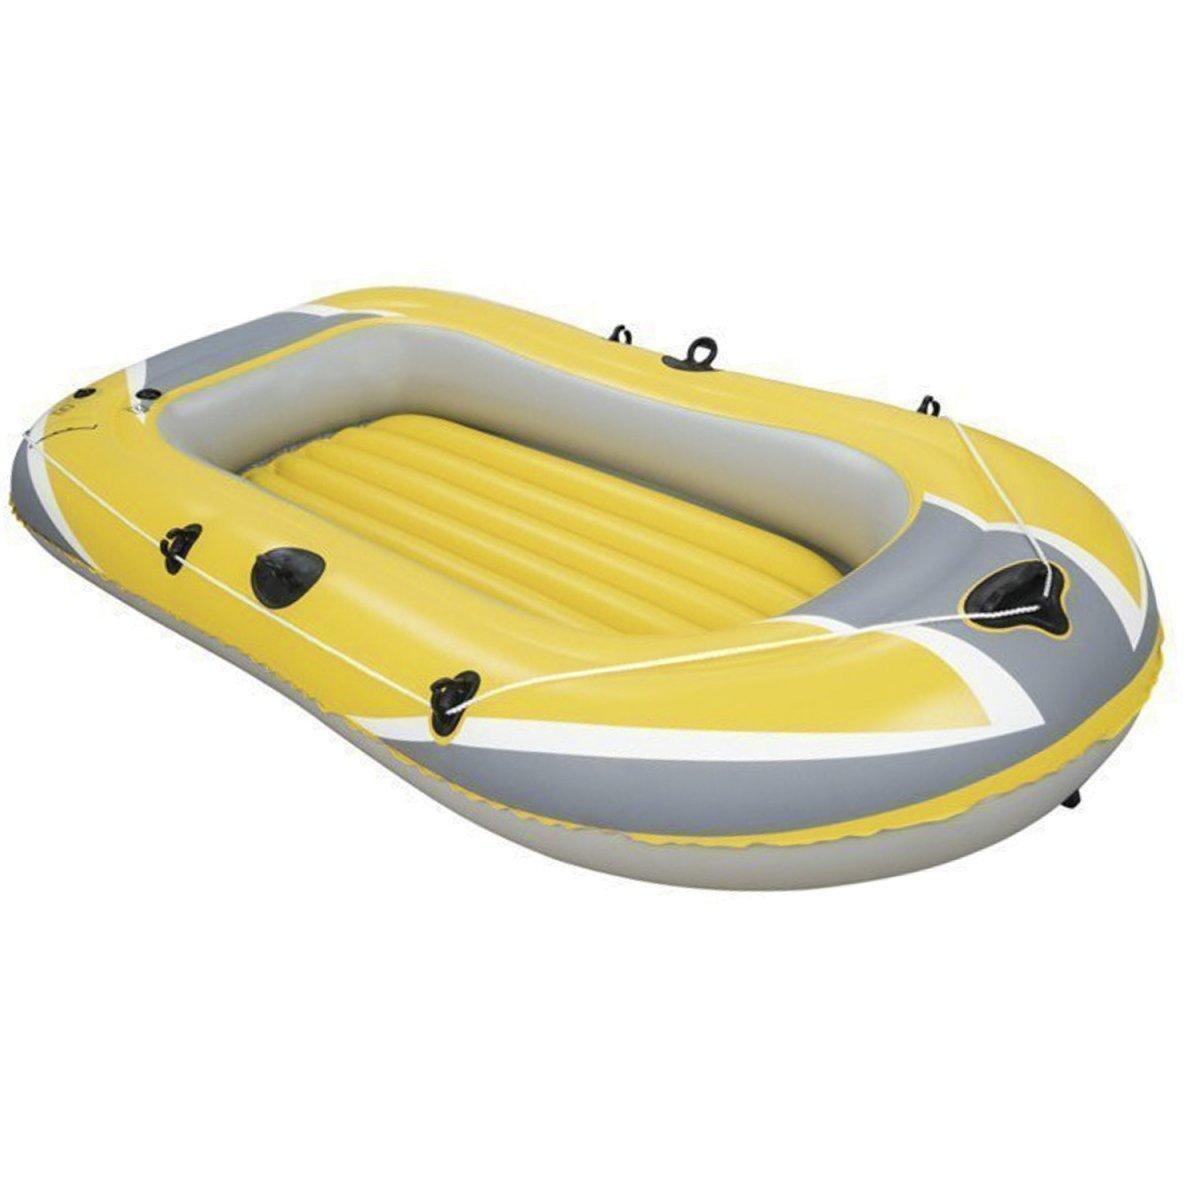 Одноместная надувная лодка Желтая надувная лодка Надувная лодка